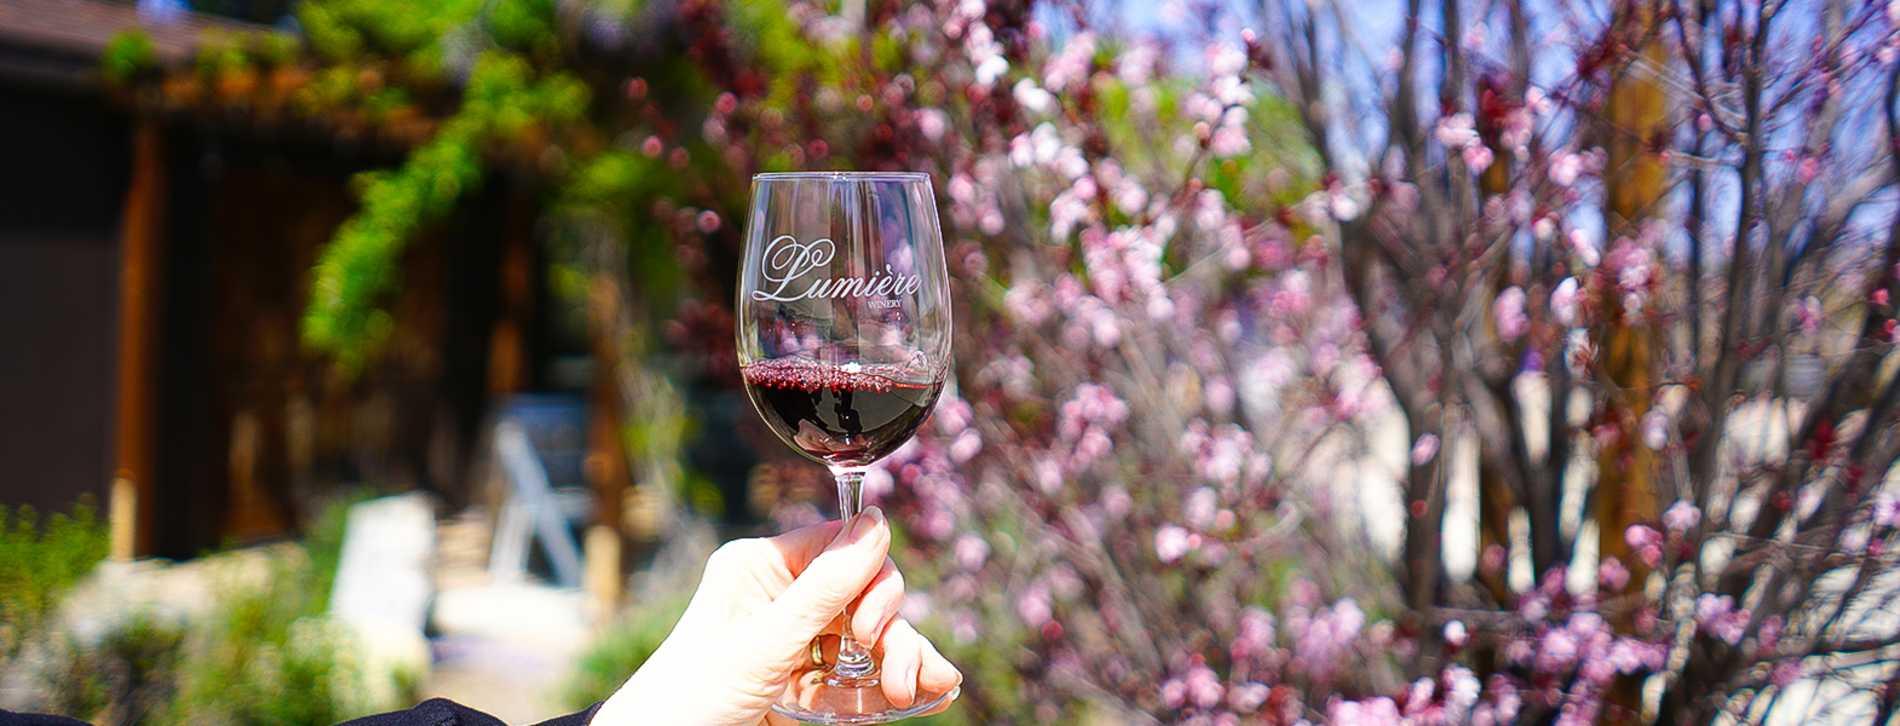 Lumiere Winery Wine Glass